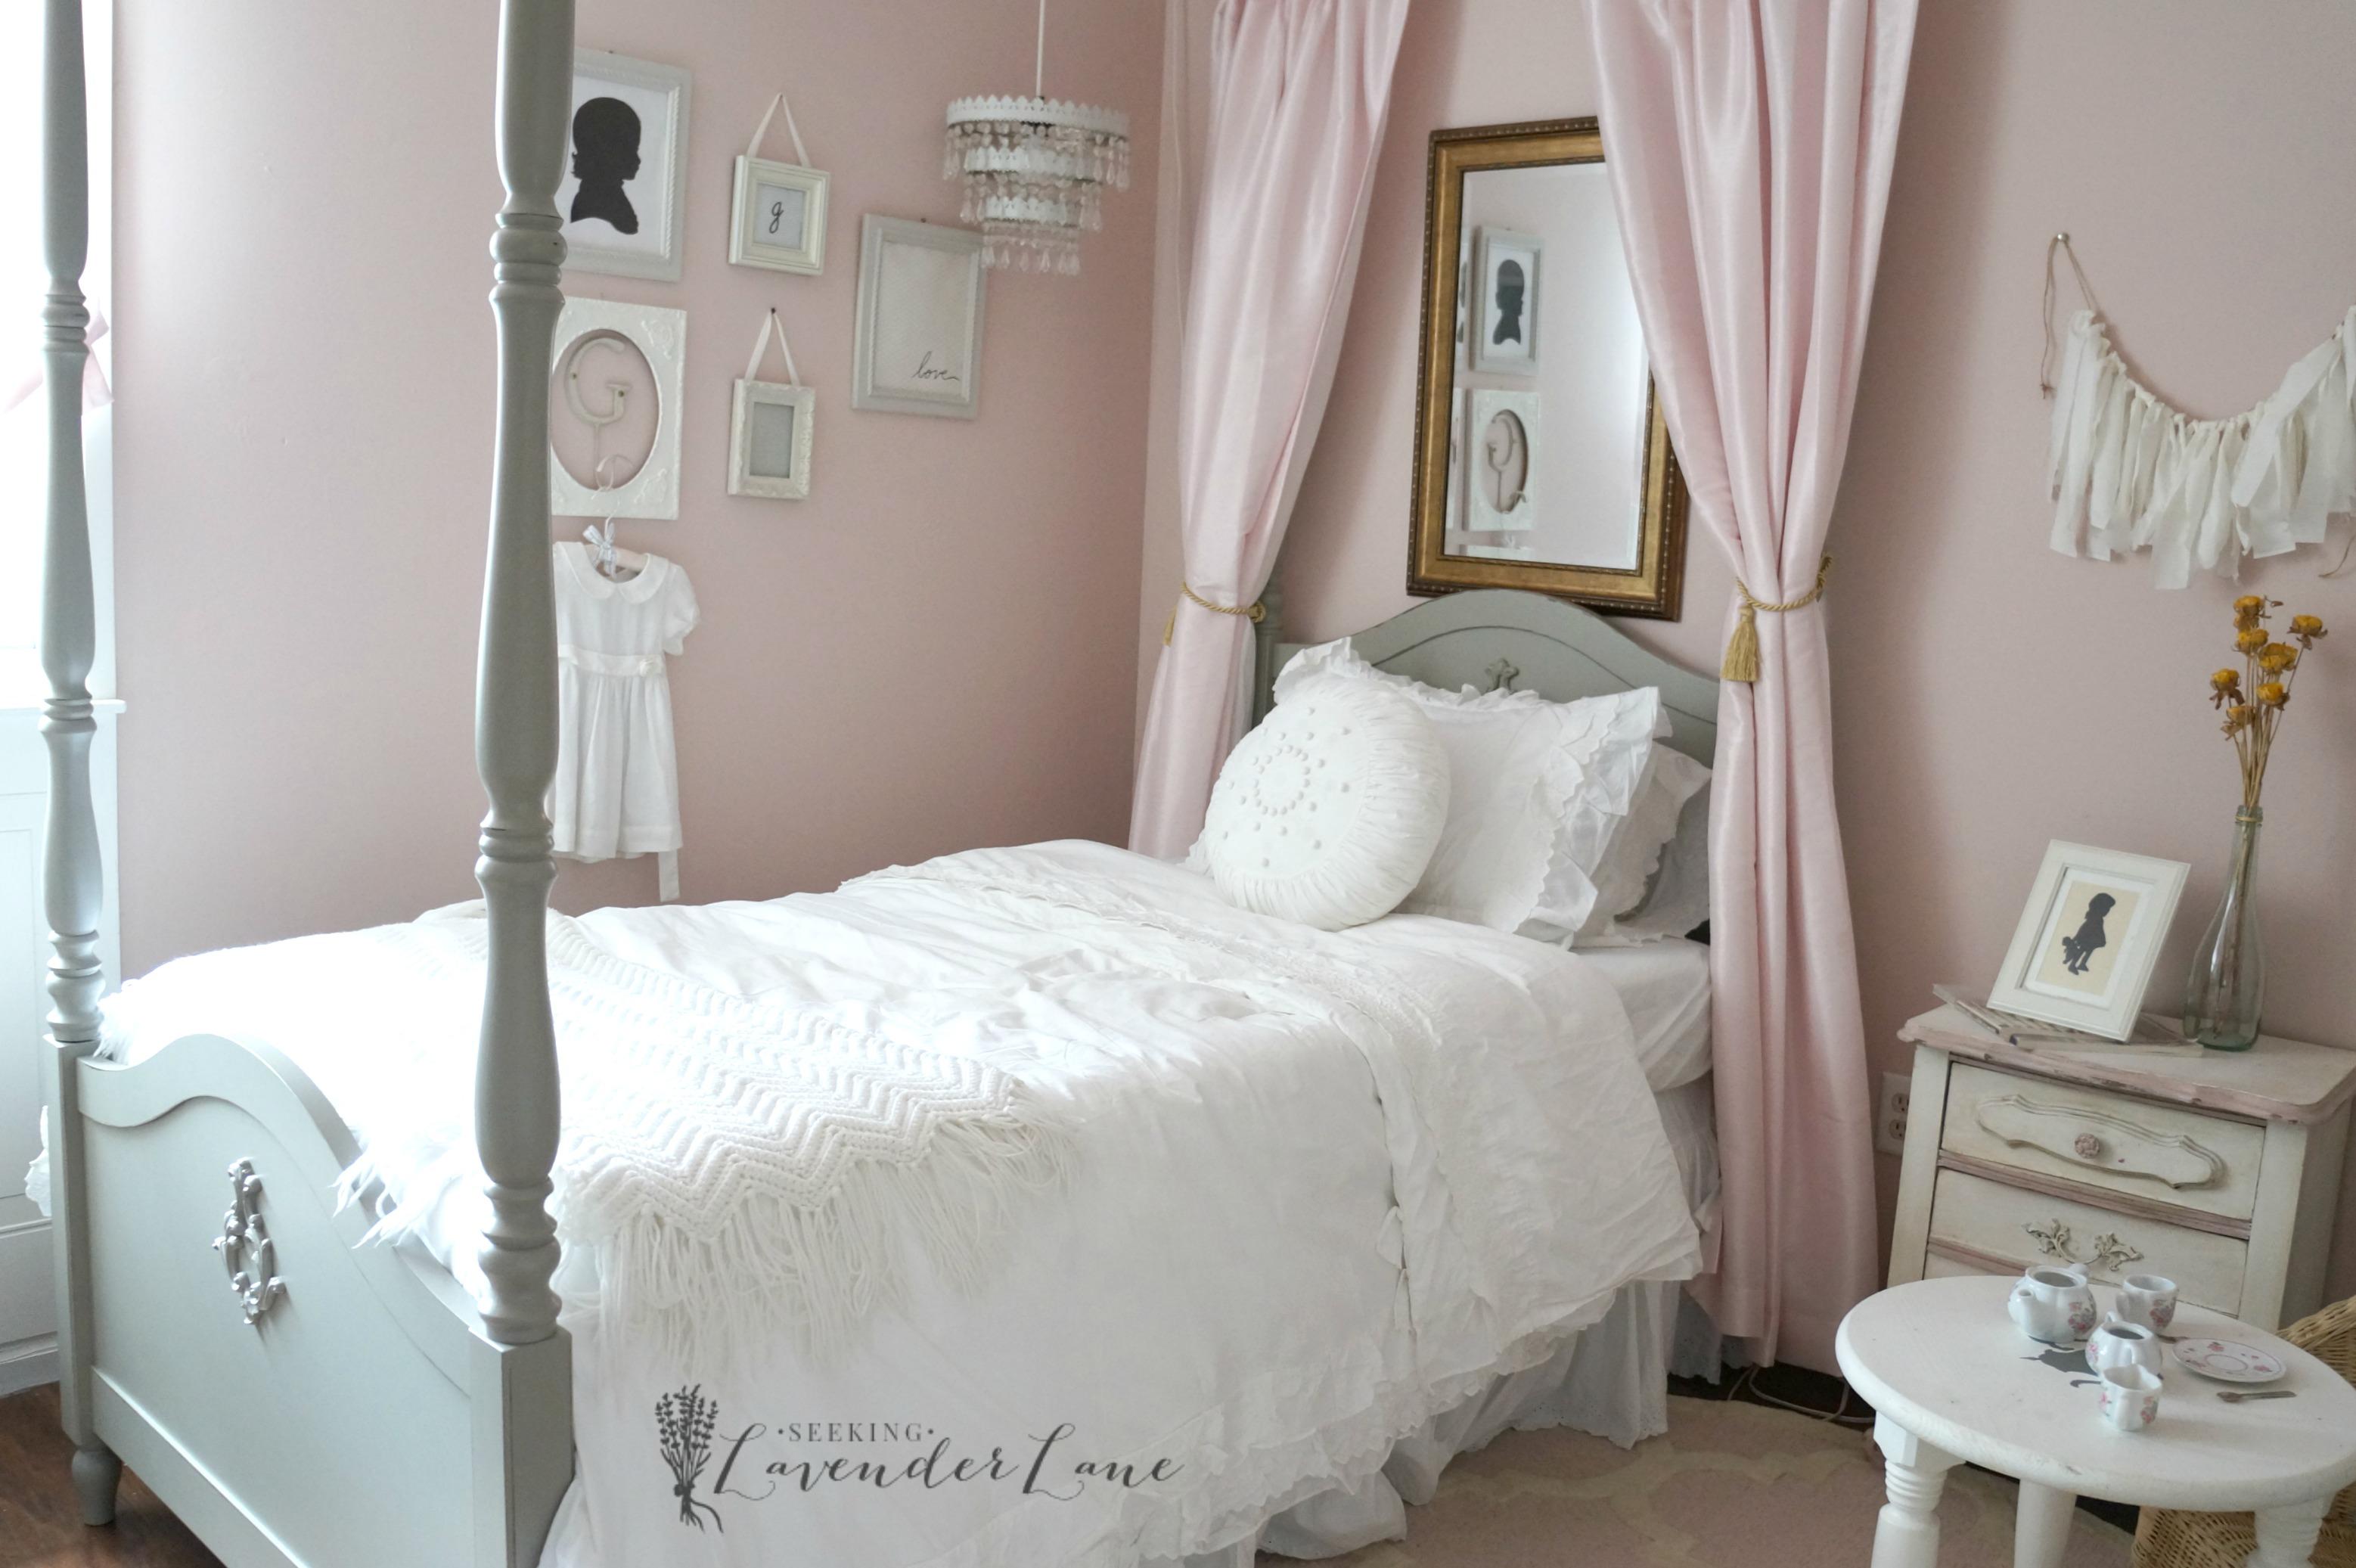 Pink Vintage Girl S Bedroom Seeking Lavendar Lane